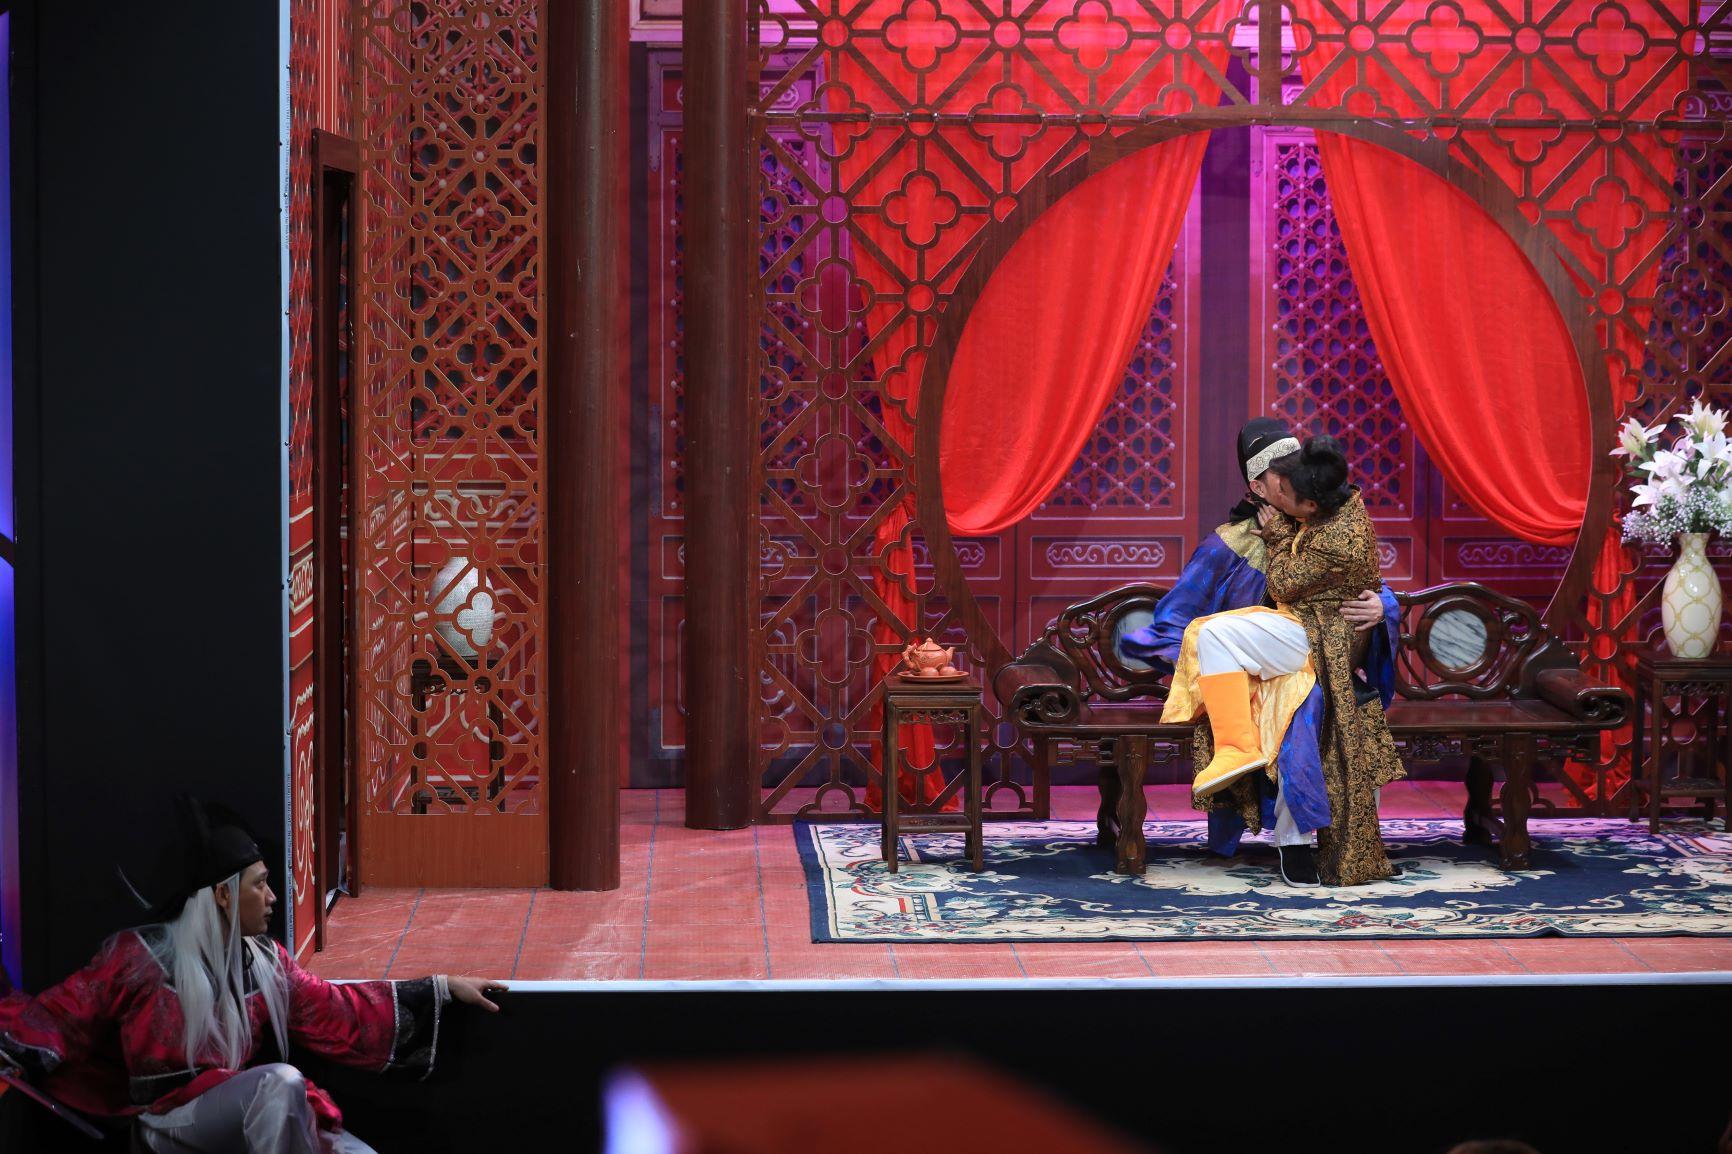 Nam diễn viên khóc xin lỗi Hari Won lại gây sốc với màn hôn đồng giới - 3